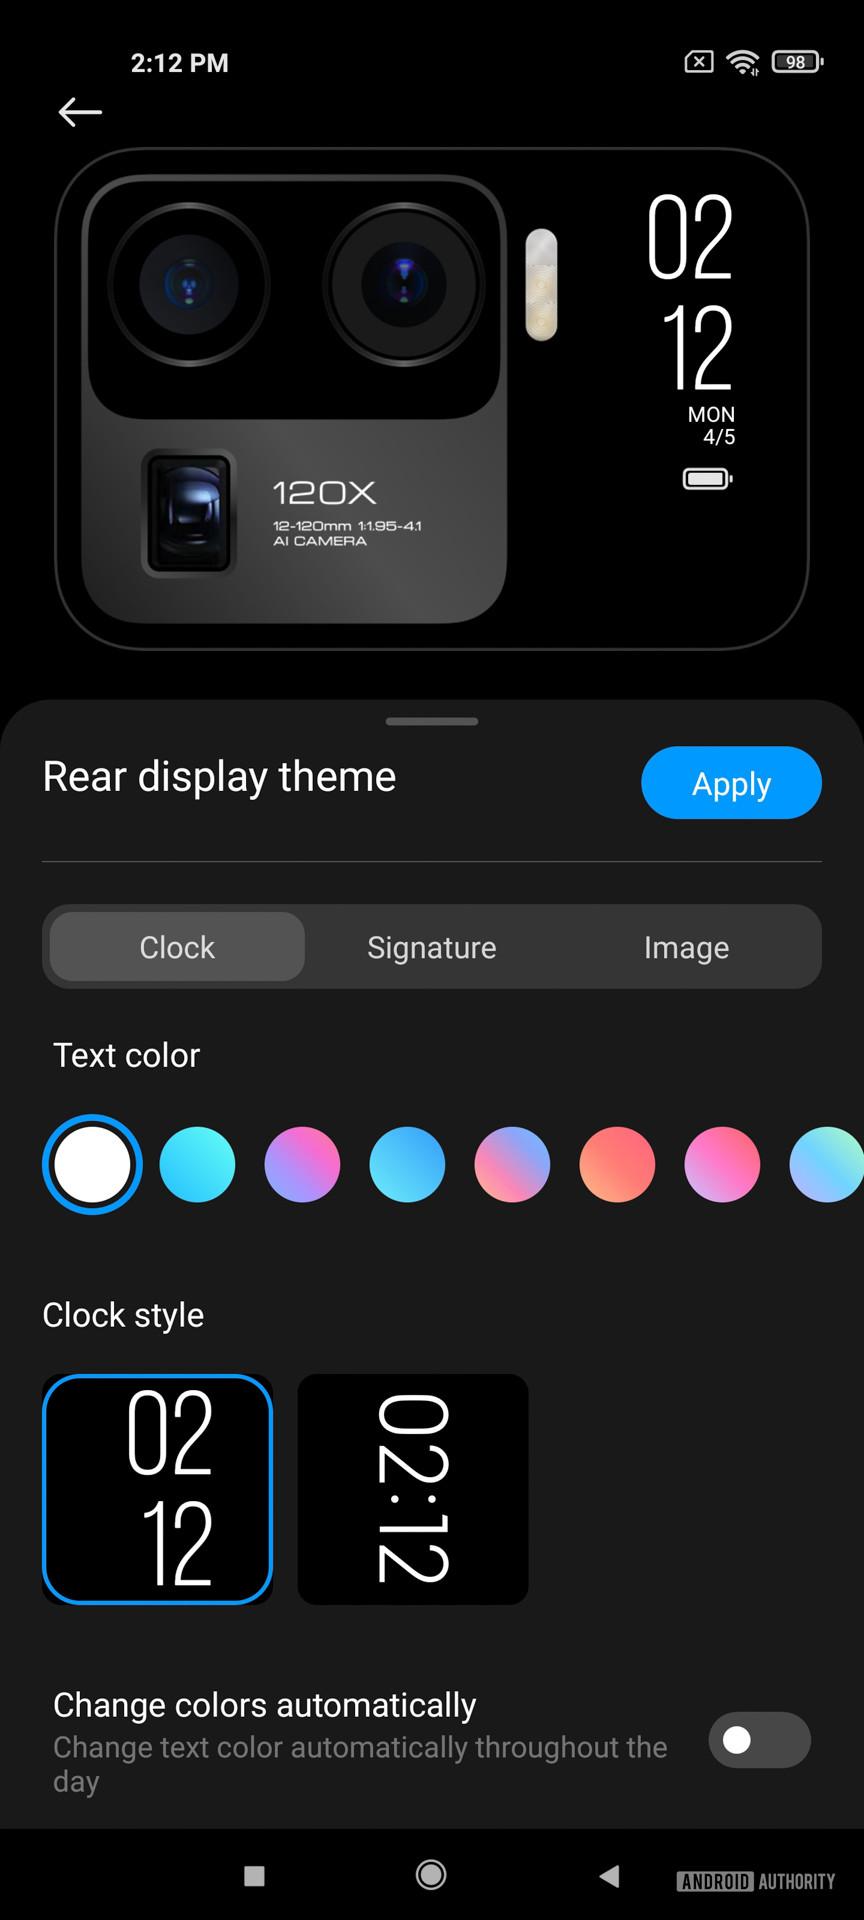 Xiaomi Mi 11 Ultra rear display appearance